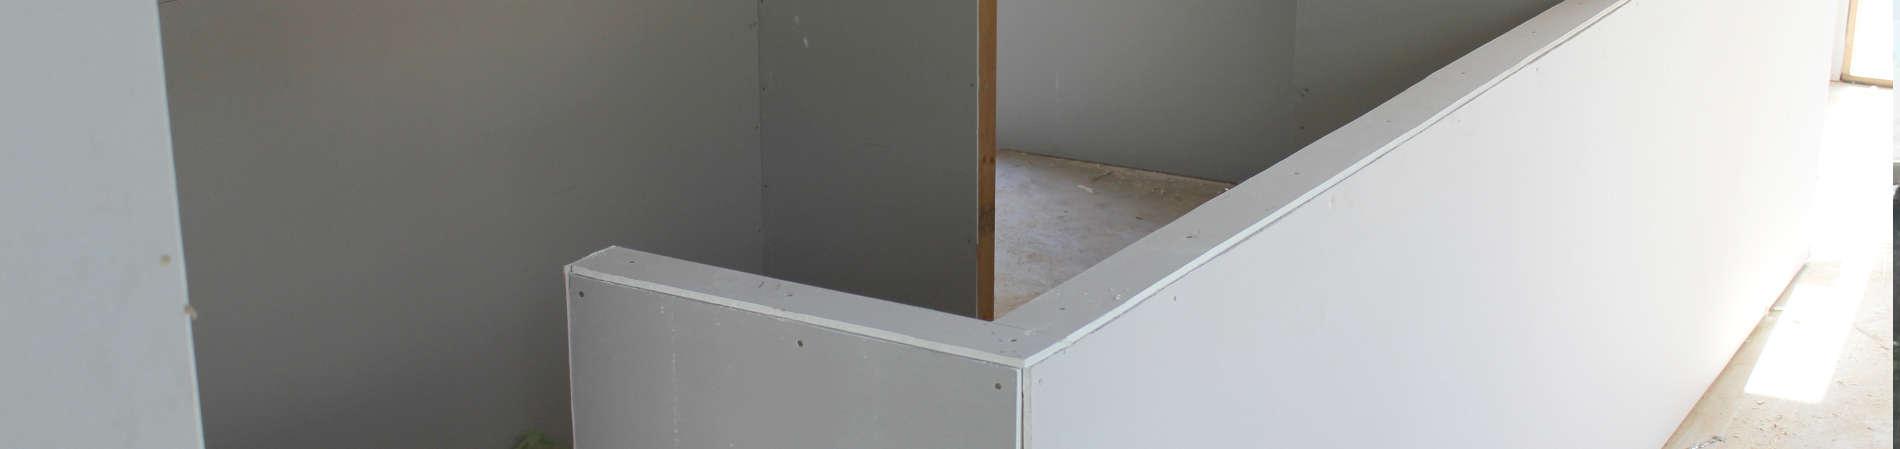 Presupuesto hacer tabiques pladur precios cronoshare - Hacer pared pladur ...